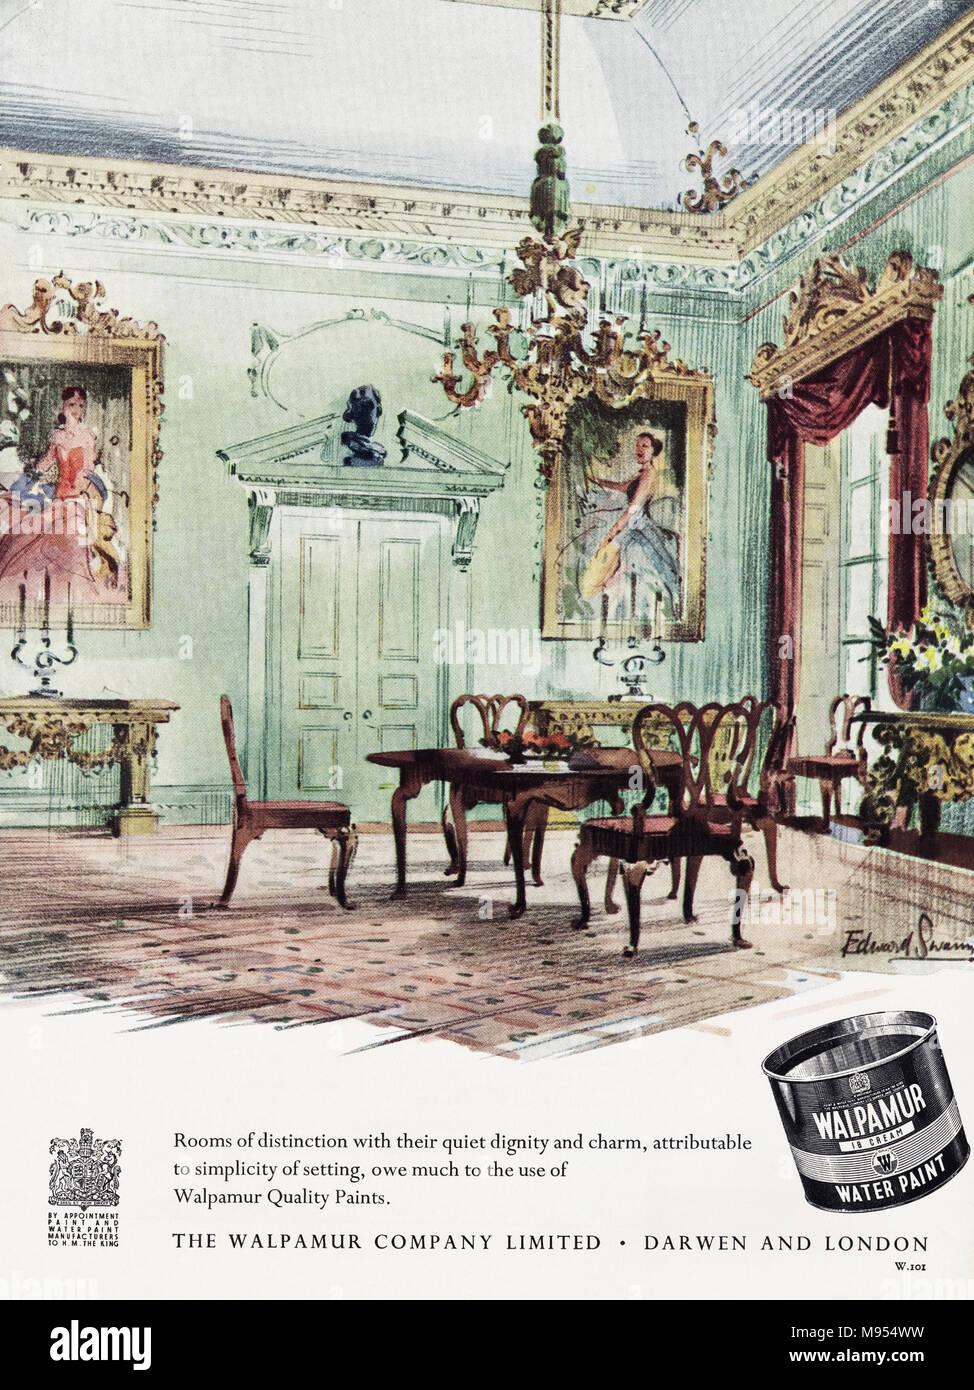 Vintage Illustration Ad Advert Stockfotos & Vintage Illustration Ad ...